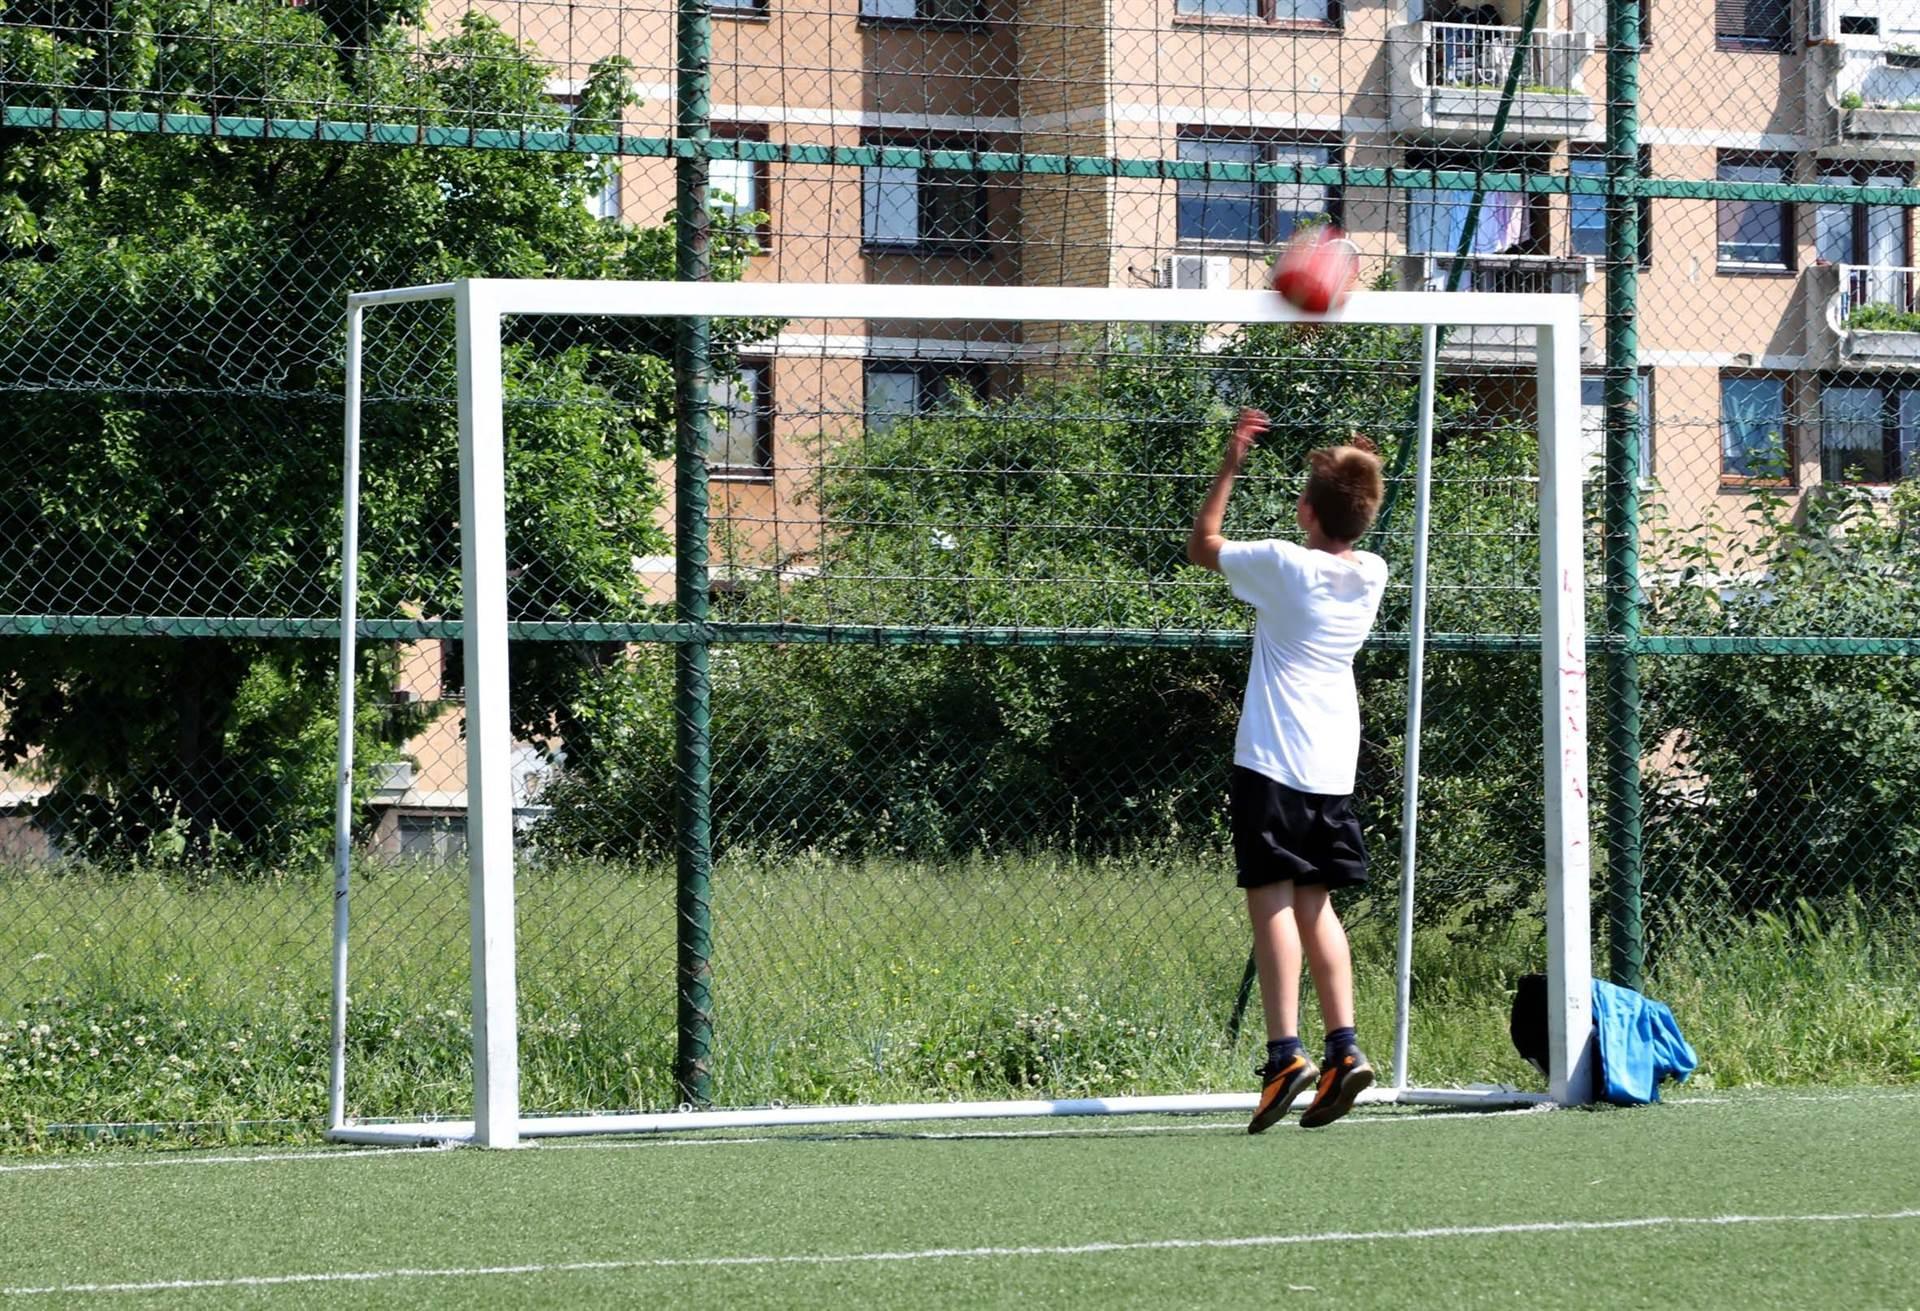 Po treći put propala nabavka sigurnih golova u Sarajevu